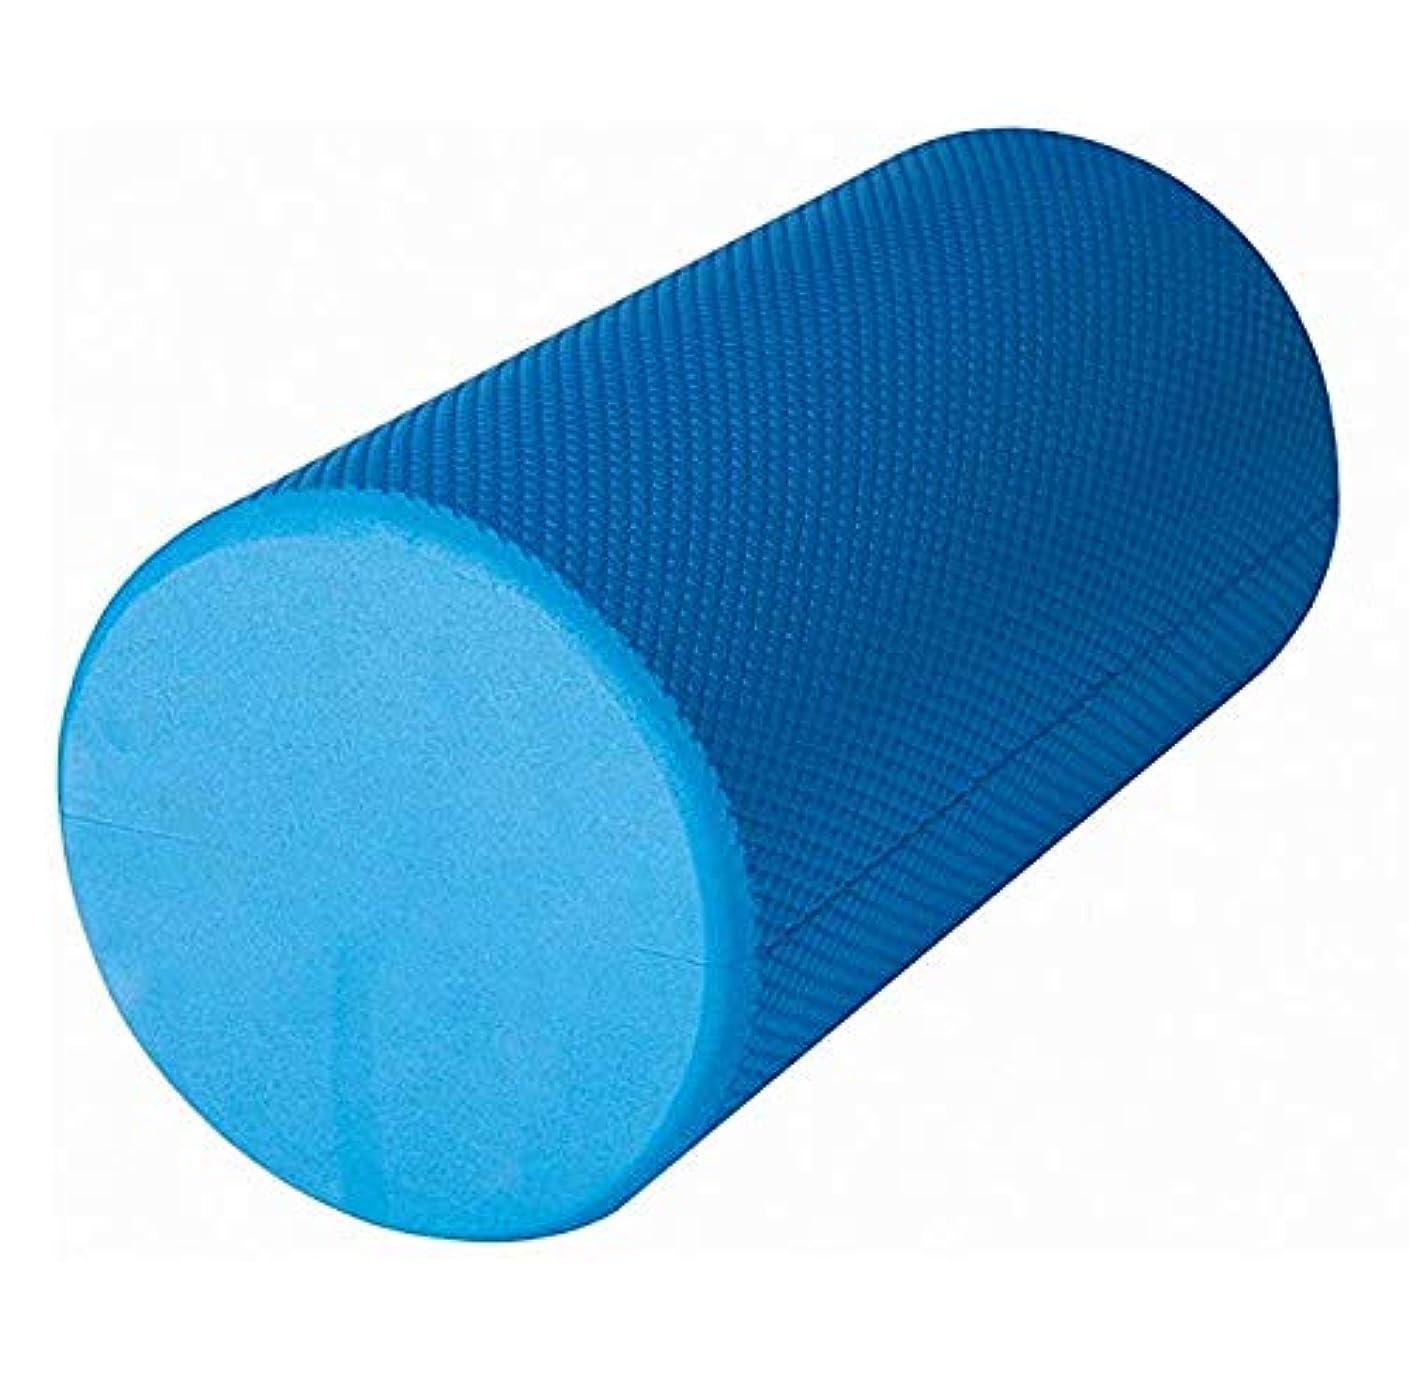 ビン空港お金フォームローラー、ディープティシューマッスルマッサージ用バックローラー-ブルー,Blue -30x15cm